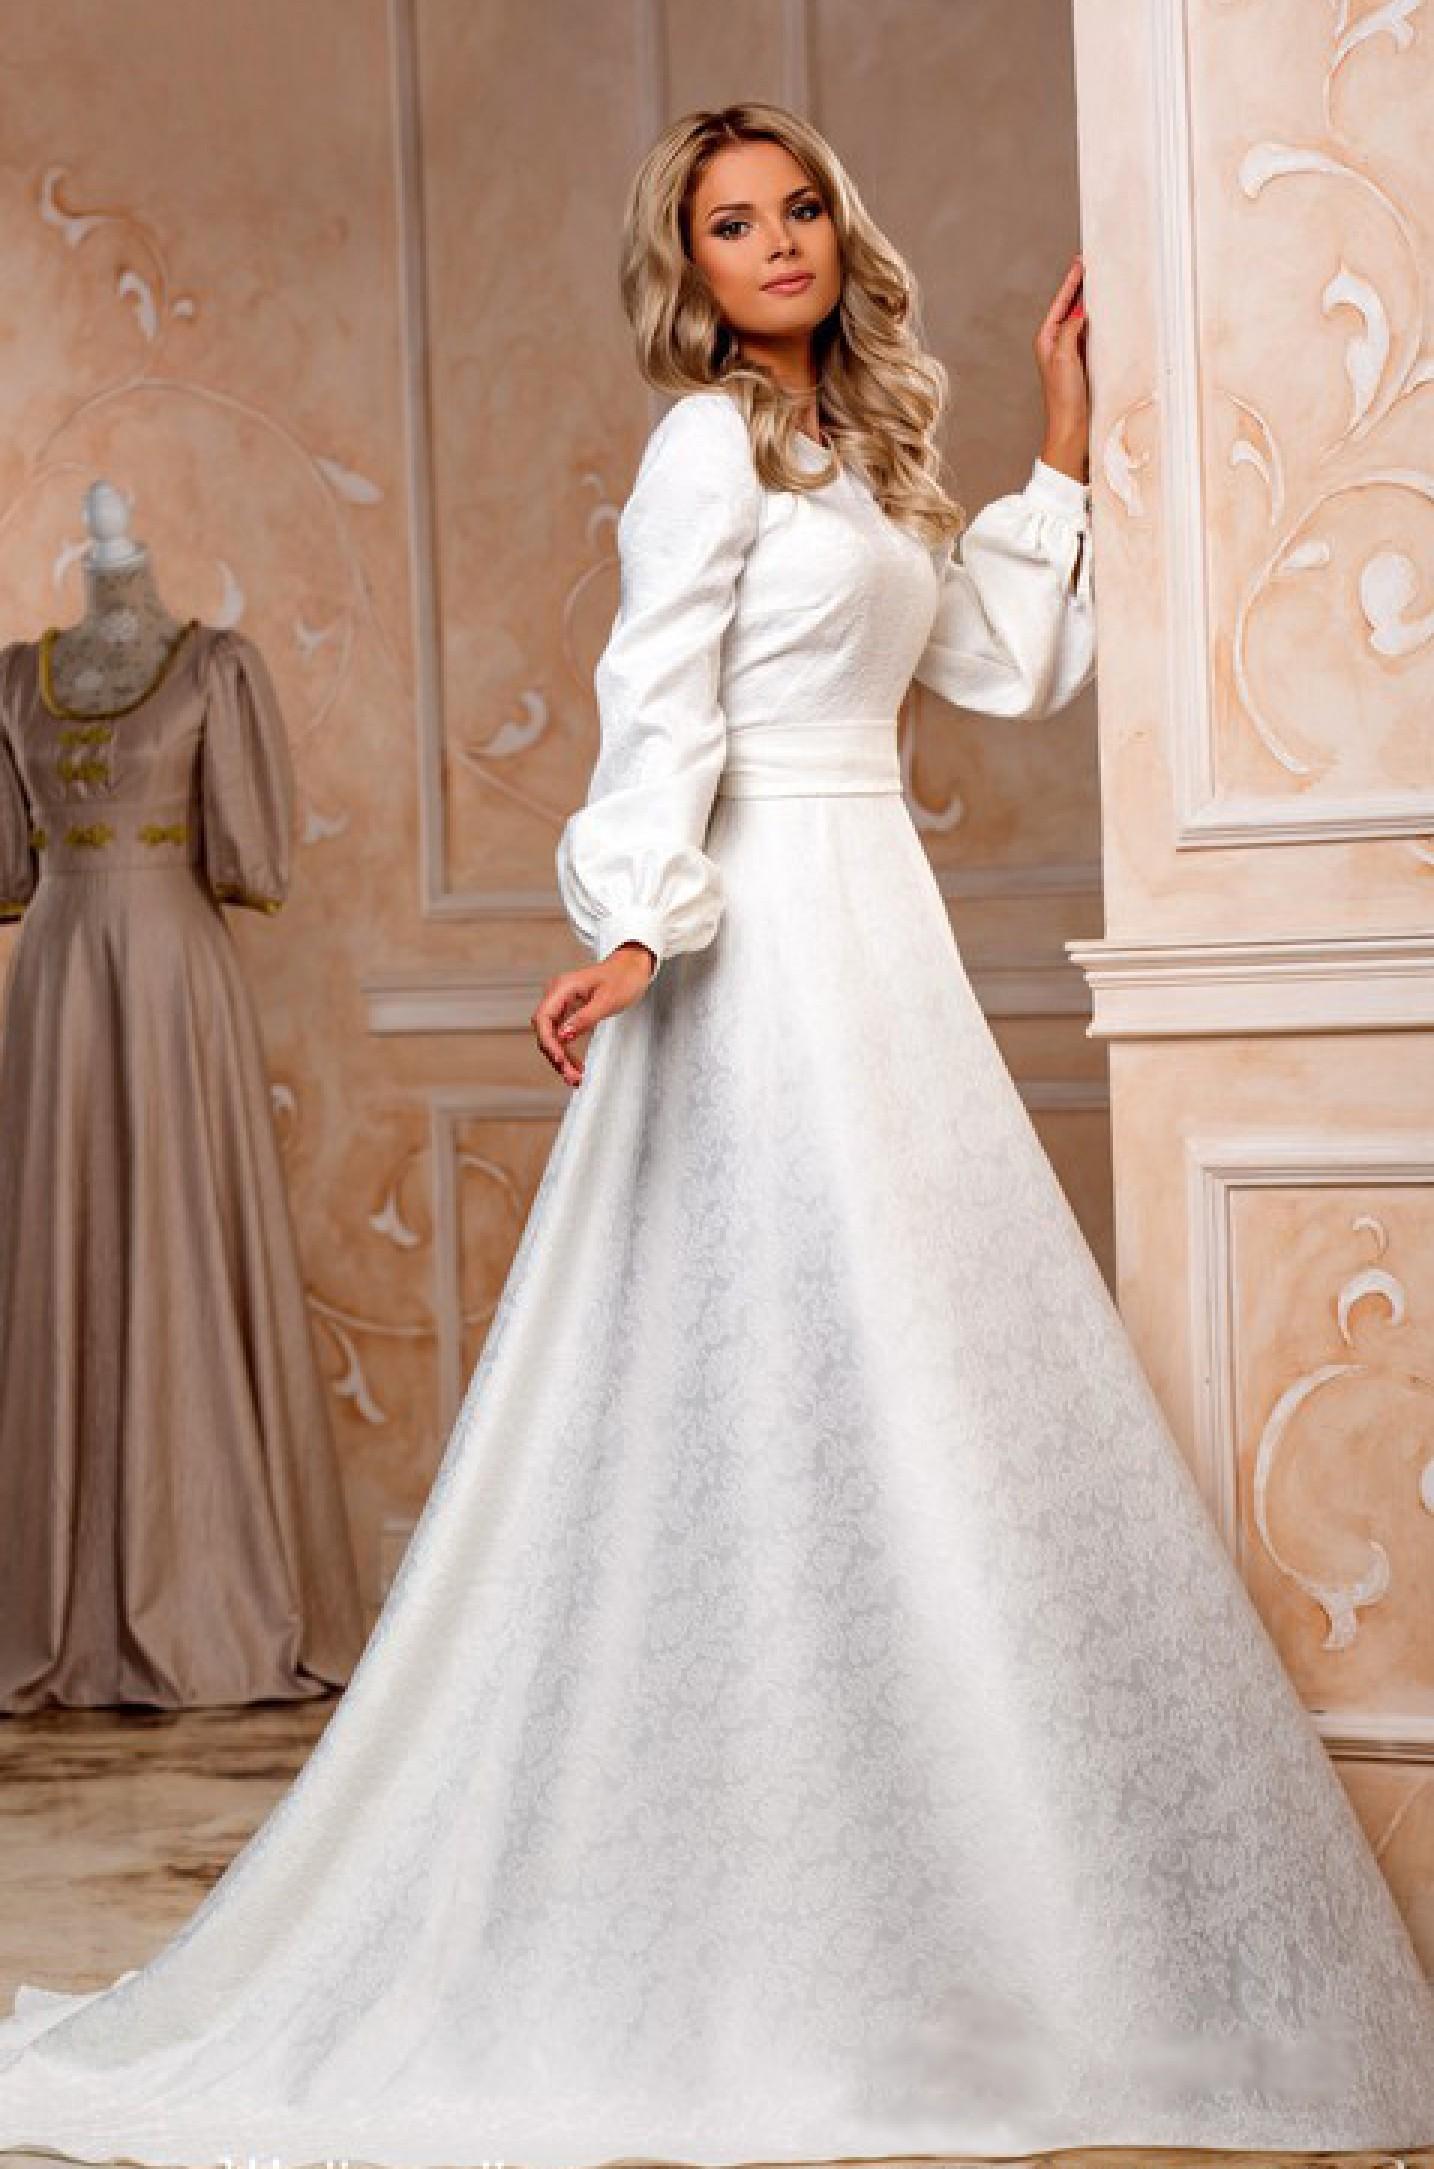 7947d02541cb Длинное белое платье. Купить белое платье с длинными рукавами в интернет  магазине Радэлия. Пошив платья на заказ.